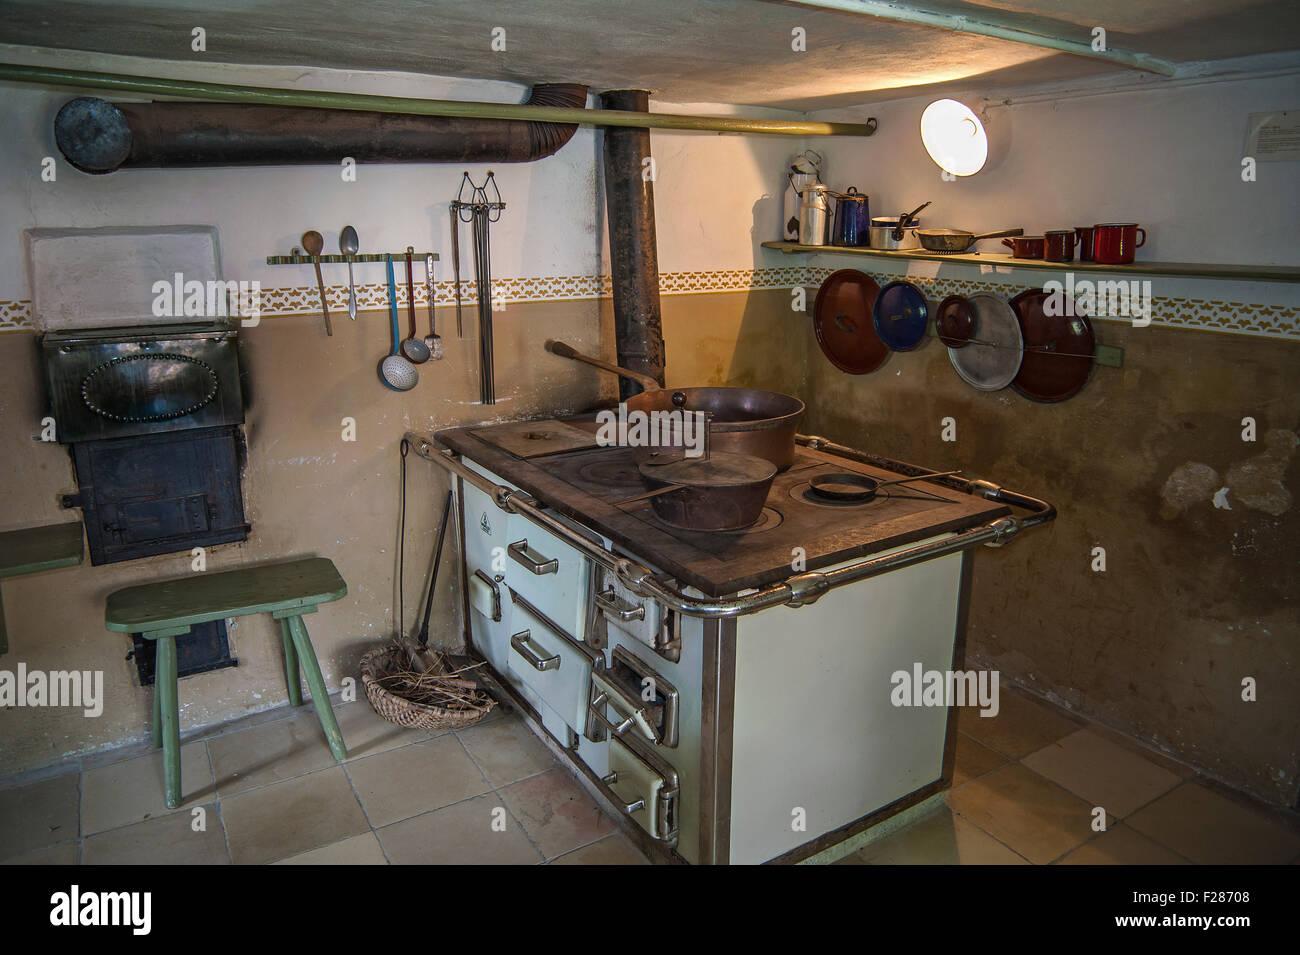 Küche mit alten Holzofen oder Kohleofen, Bauernhof Museum Jexhof ...